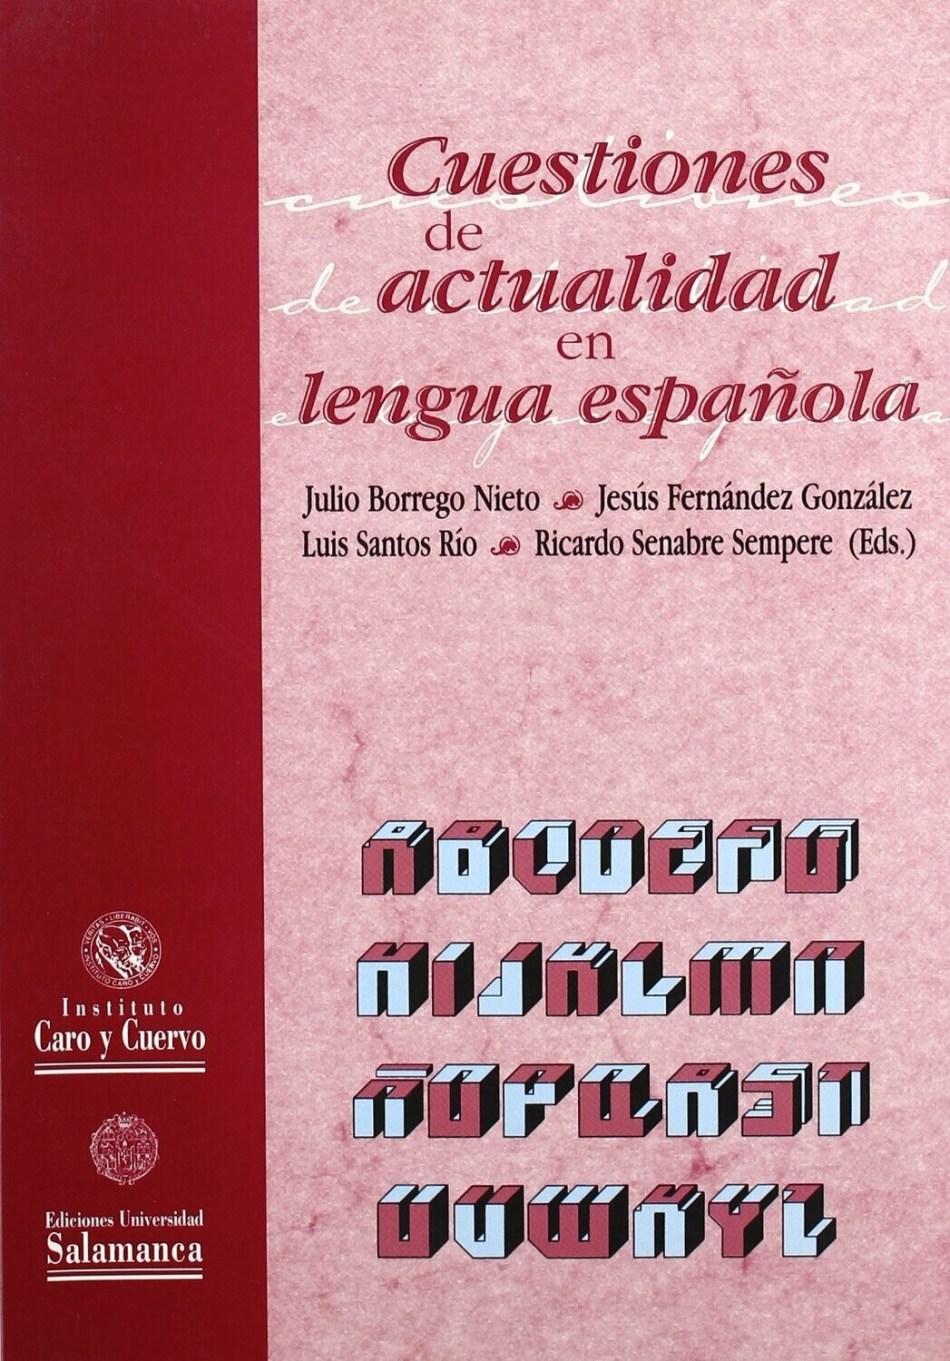 Cuestiones de actualidad en lengua española (Aguas vivas)